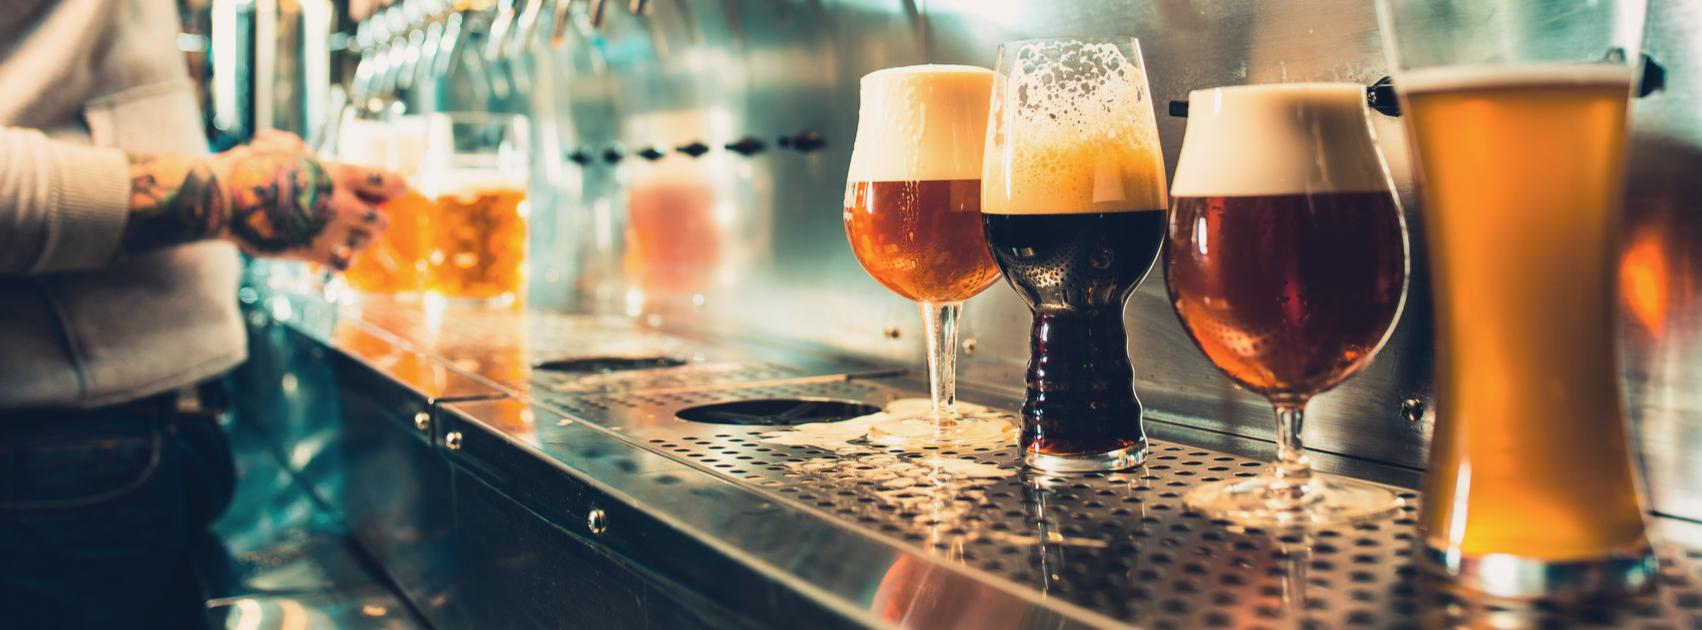 settore birra lavoro